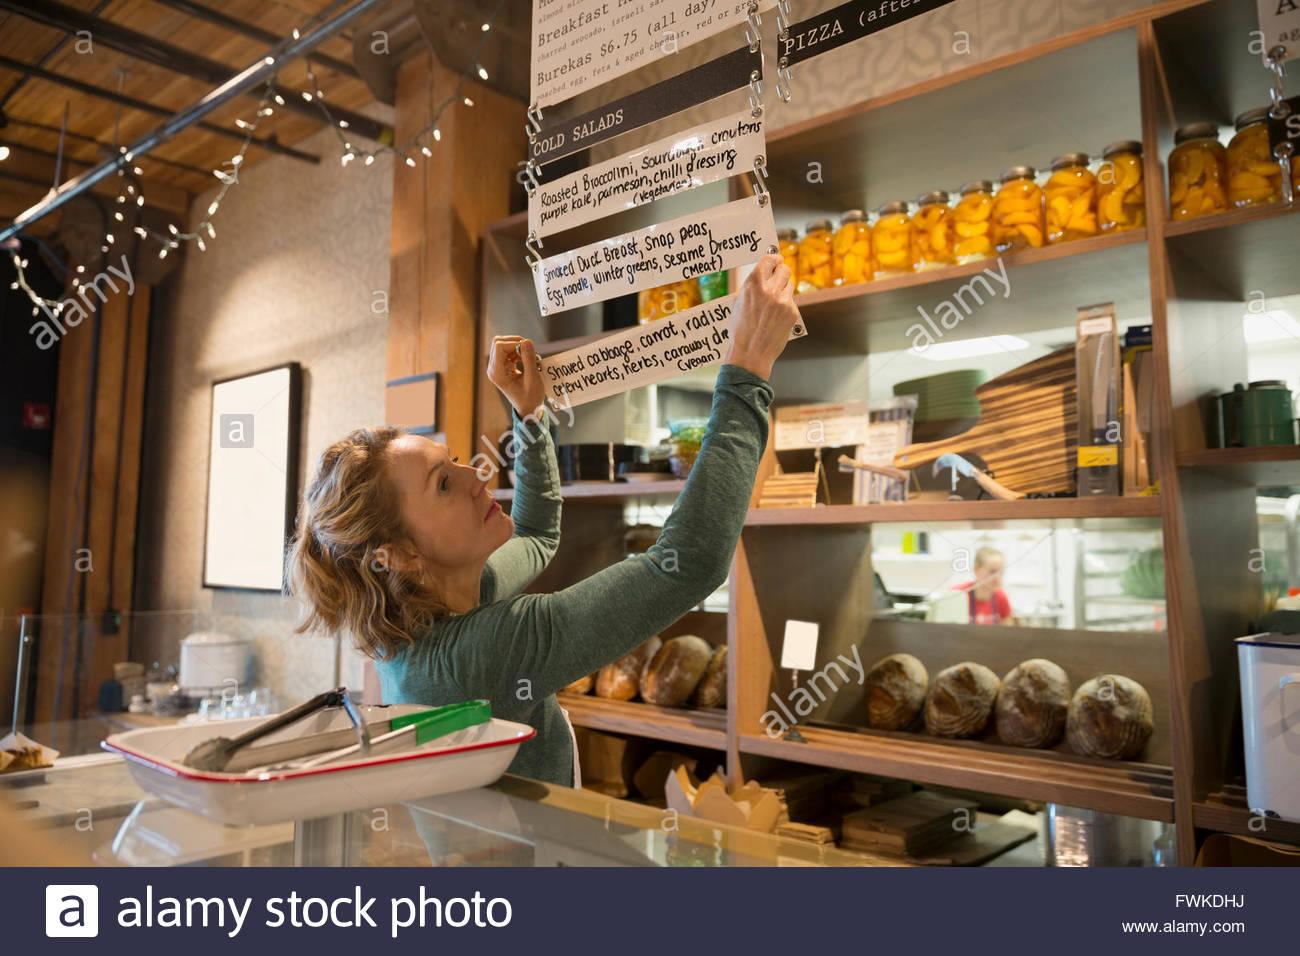 Propriétaire de boulangerie menu suspendu Photo Stock